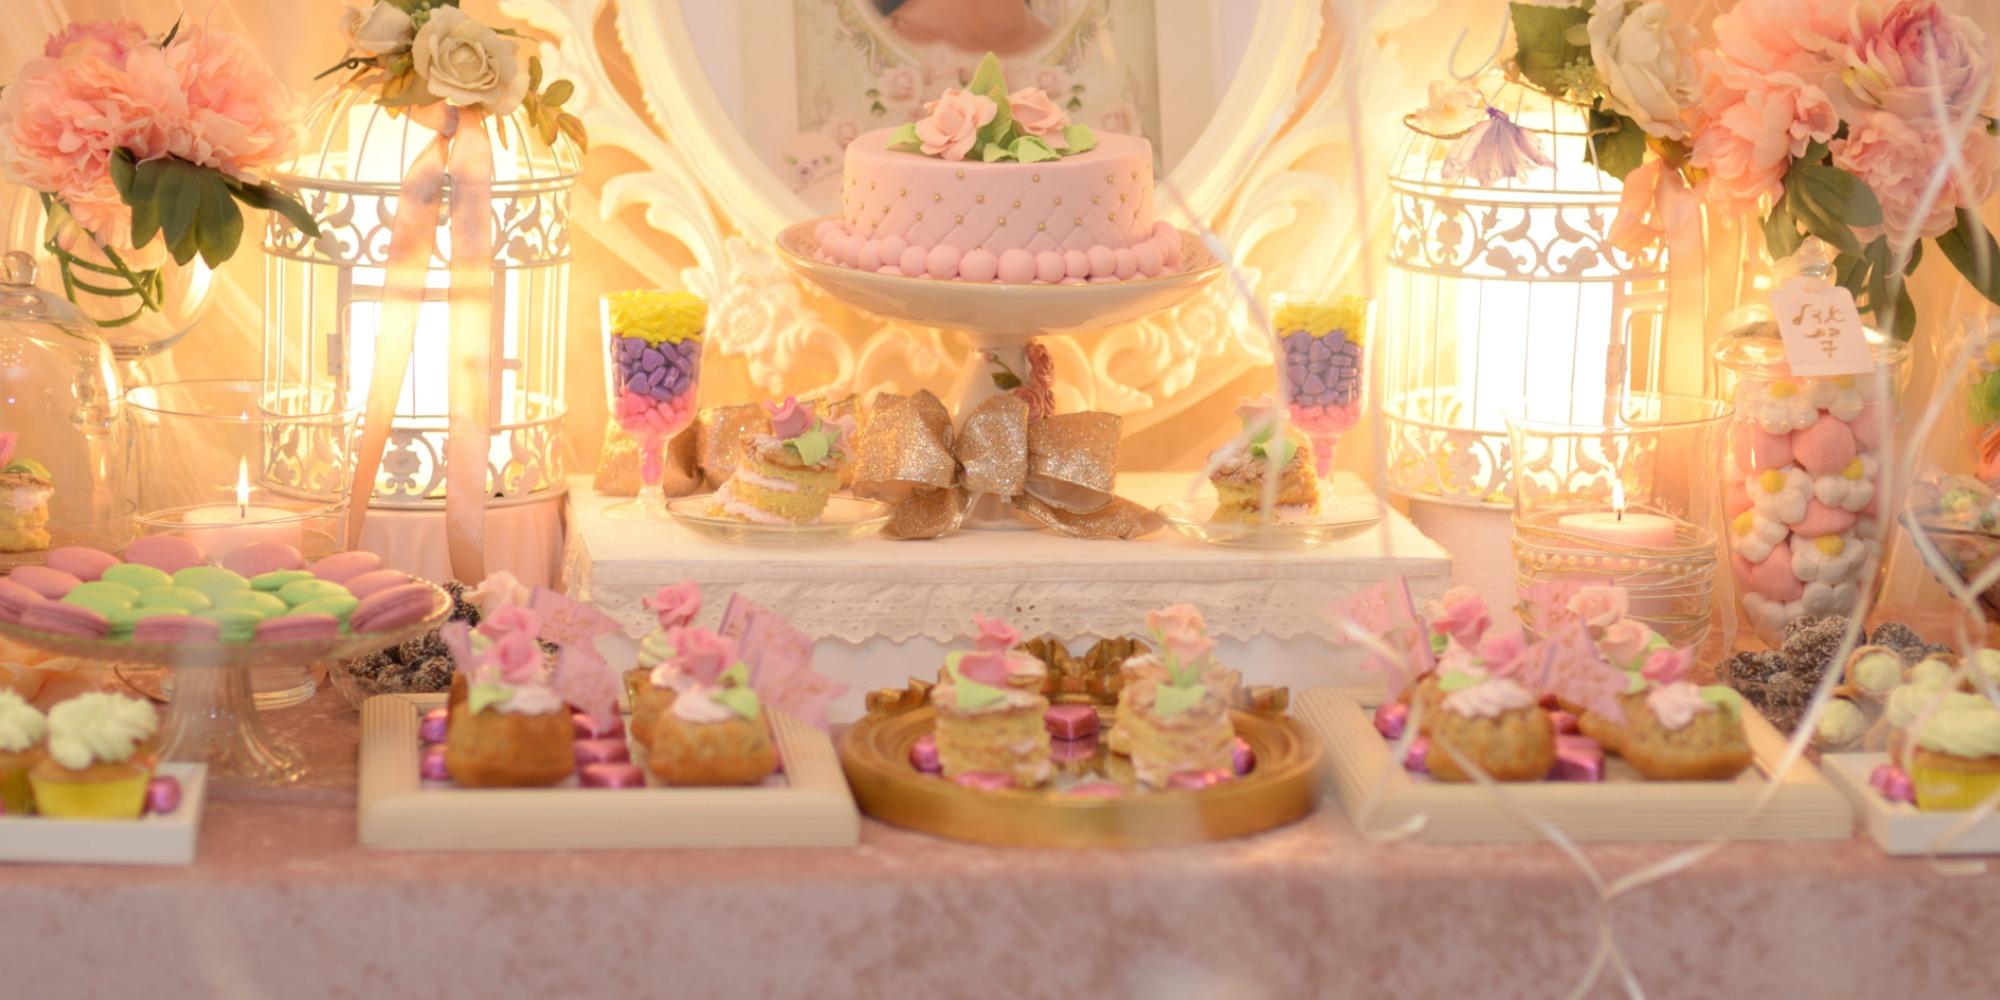 עיצוב אירועים לילדים, יום הולדת נסיכות לבנות